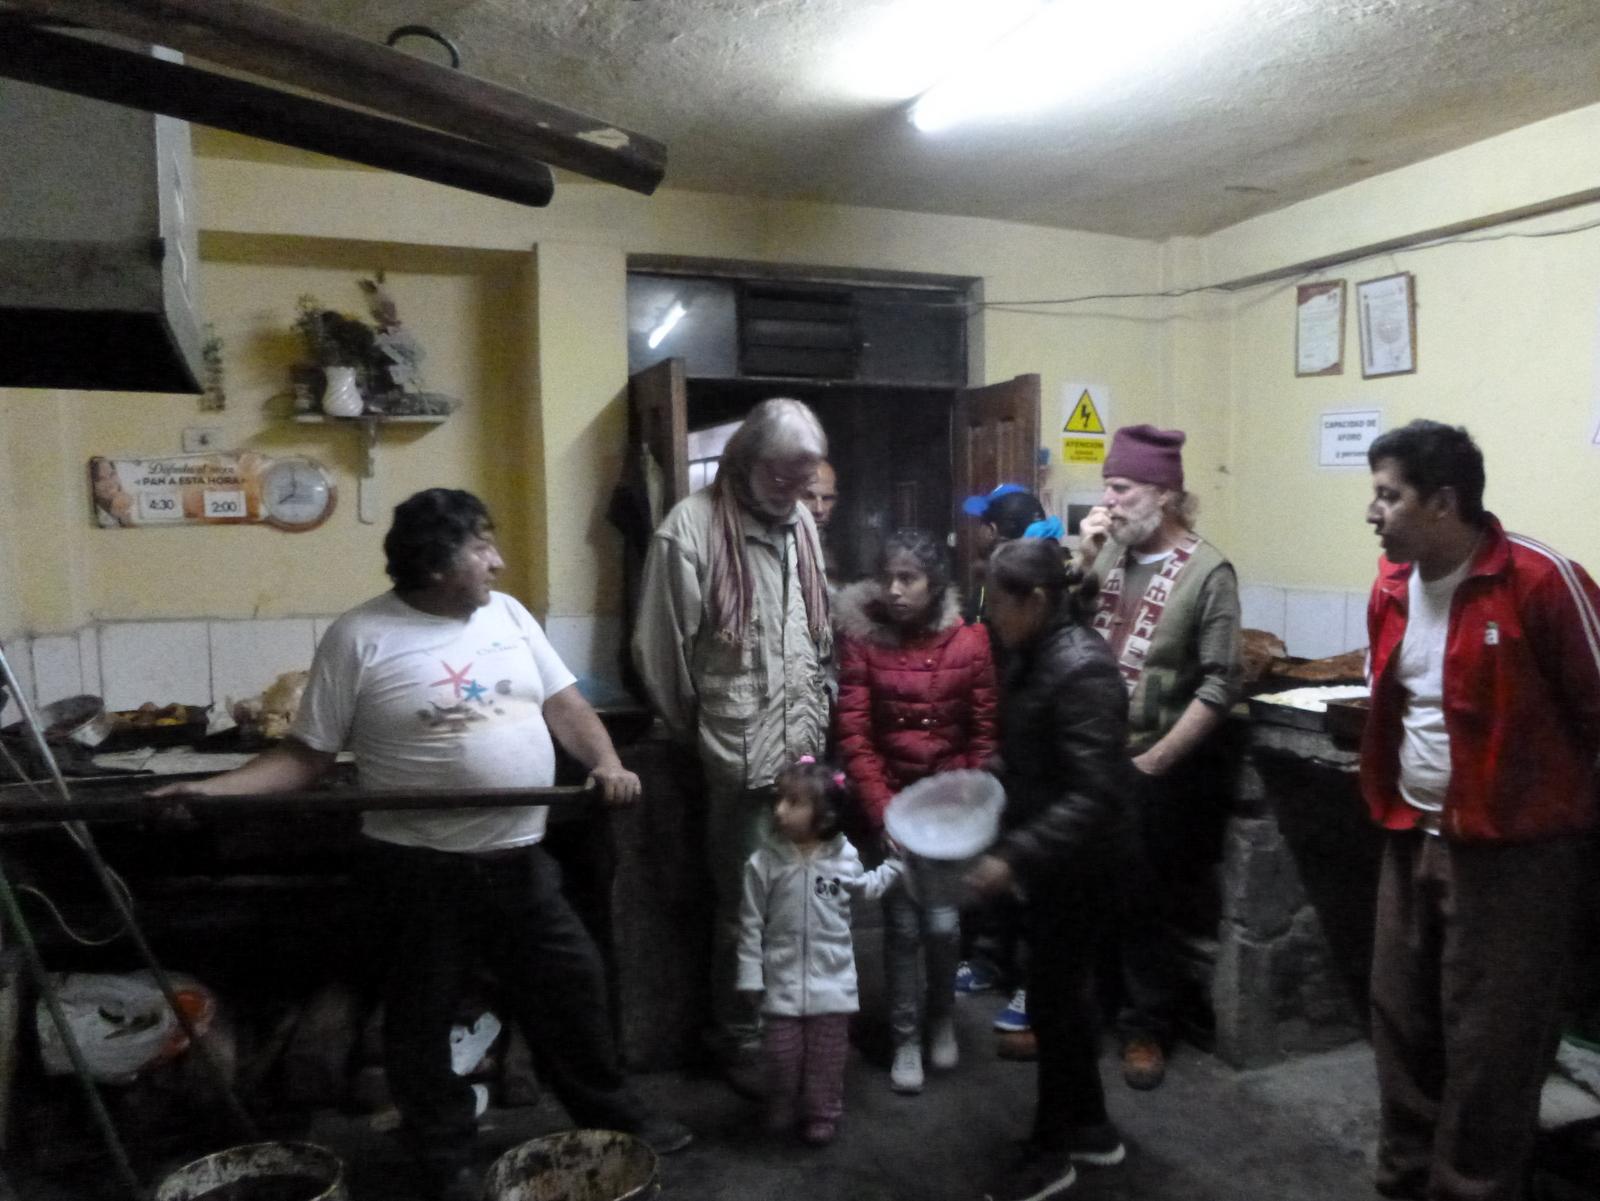 20 nadat de kalkoen en de aardappelen zijn voorbereid brengen we de schaal naar de gezamelijke-centrale-oven bij een bakker in de oude binnenstad